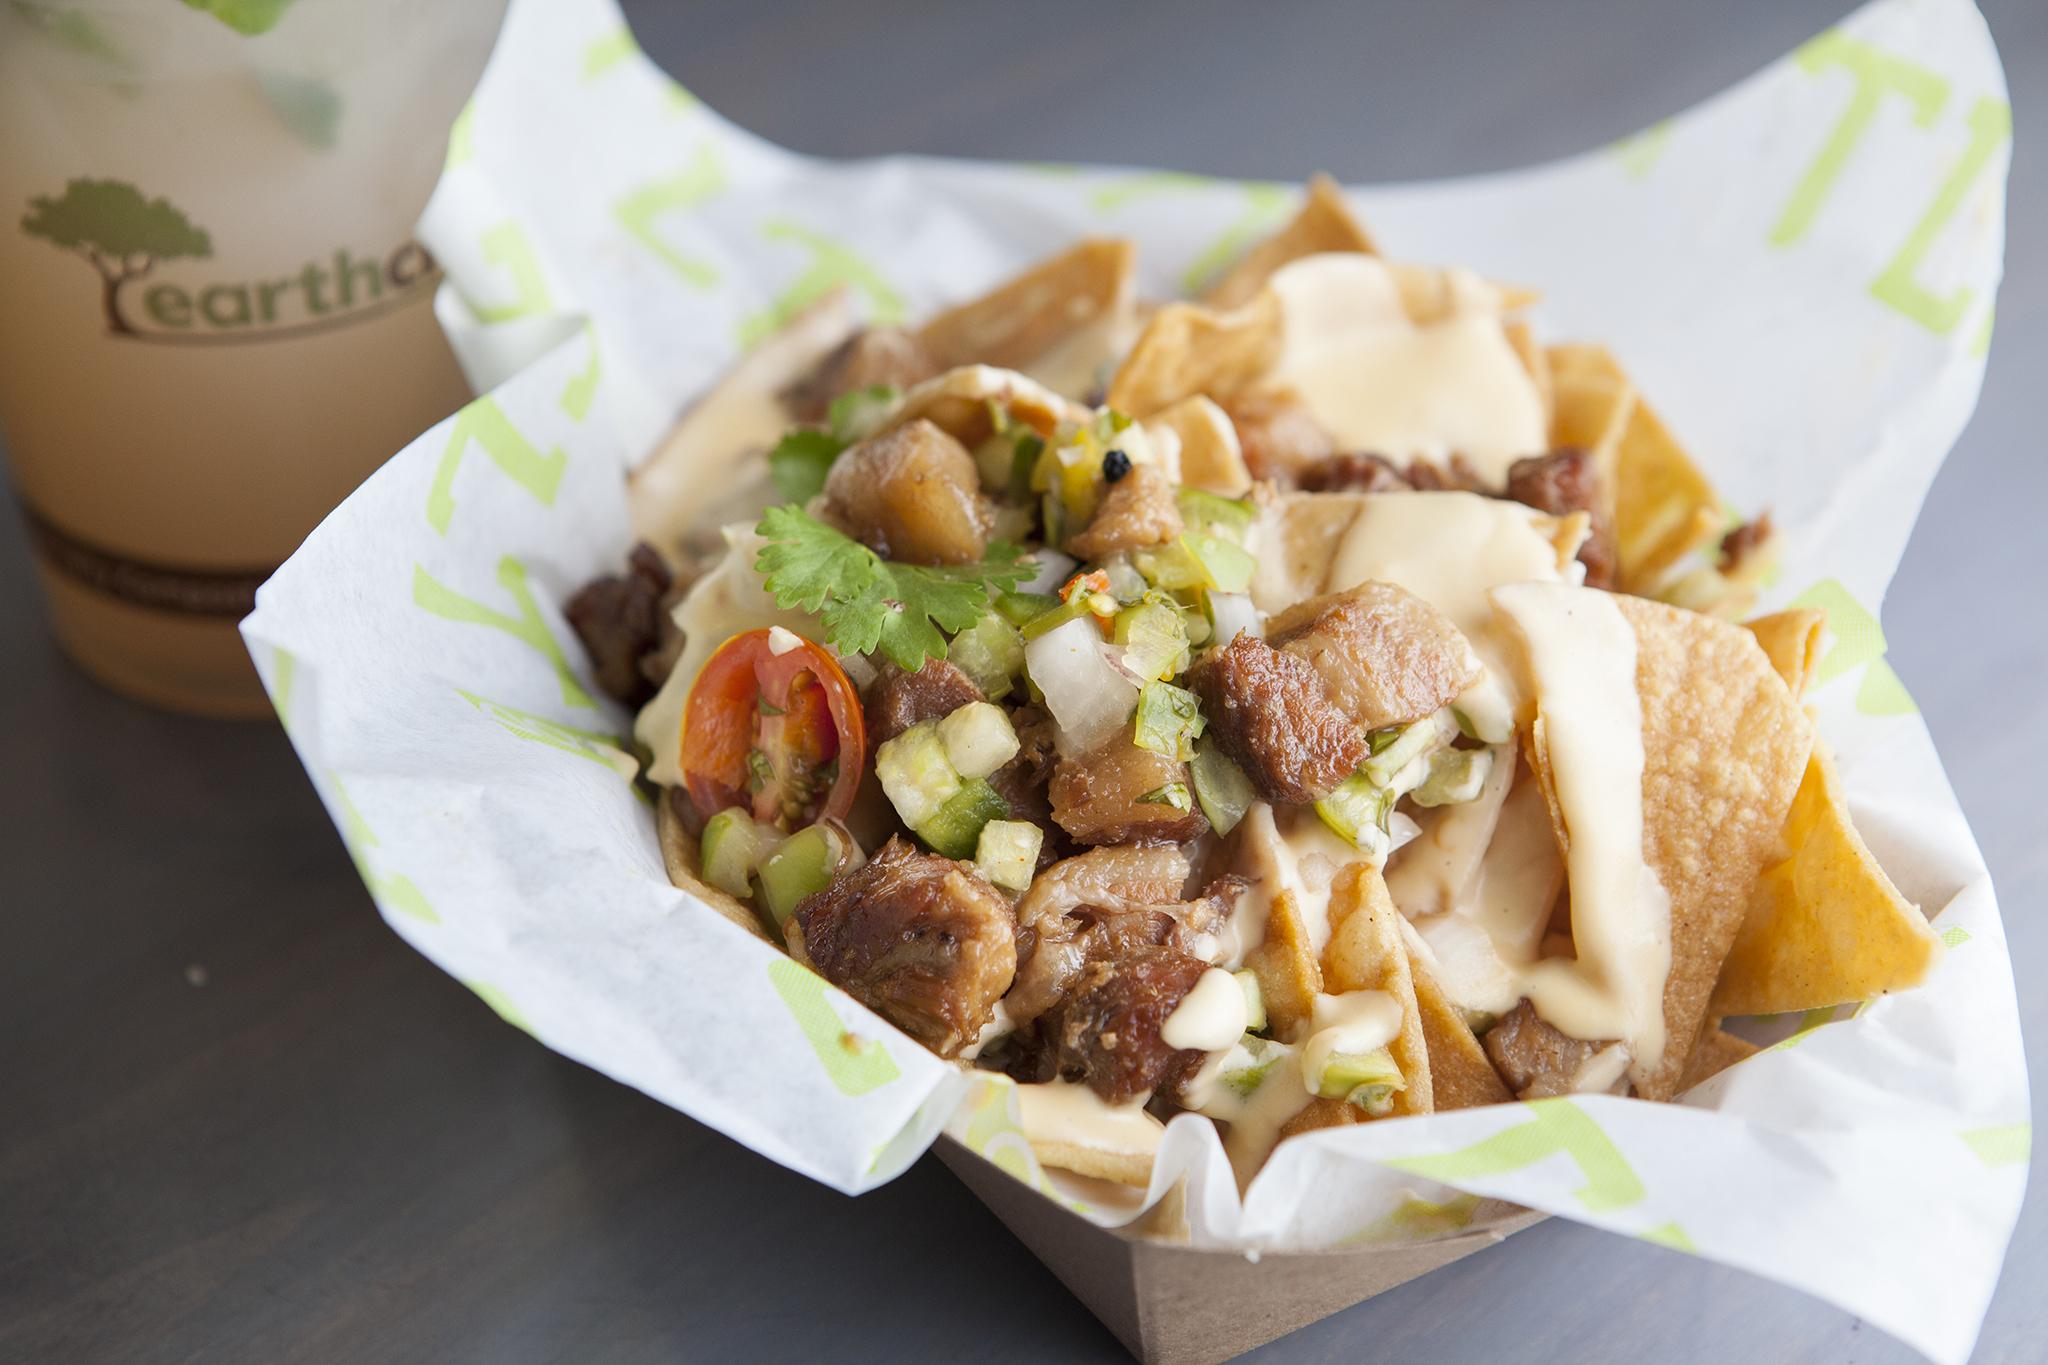 10 dishes under $10 in Westwood Village